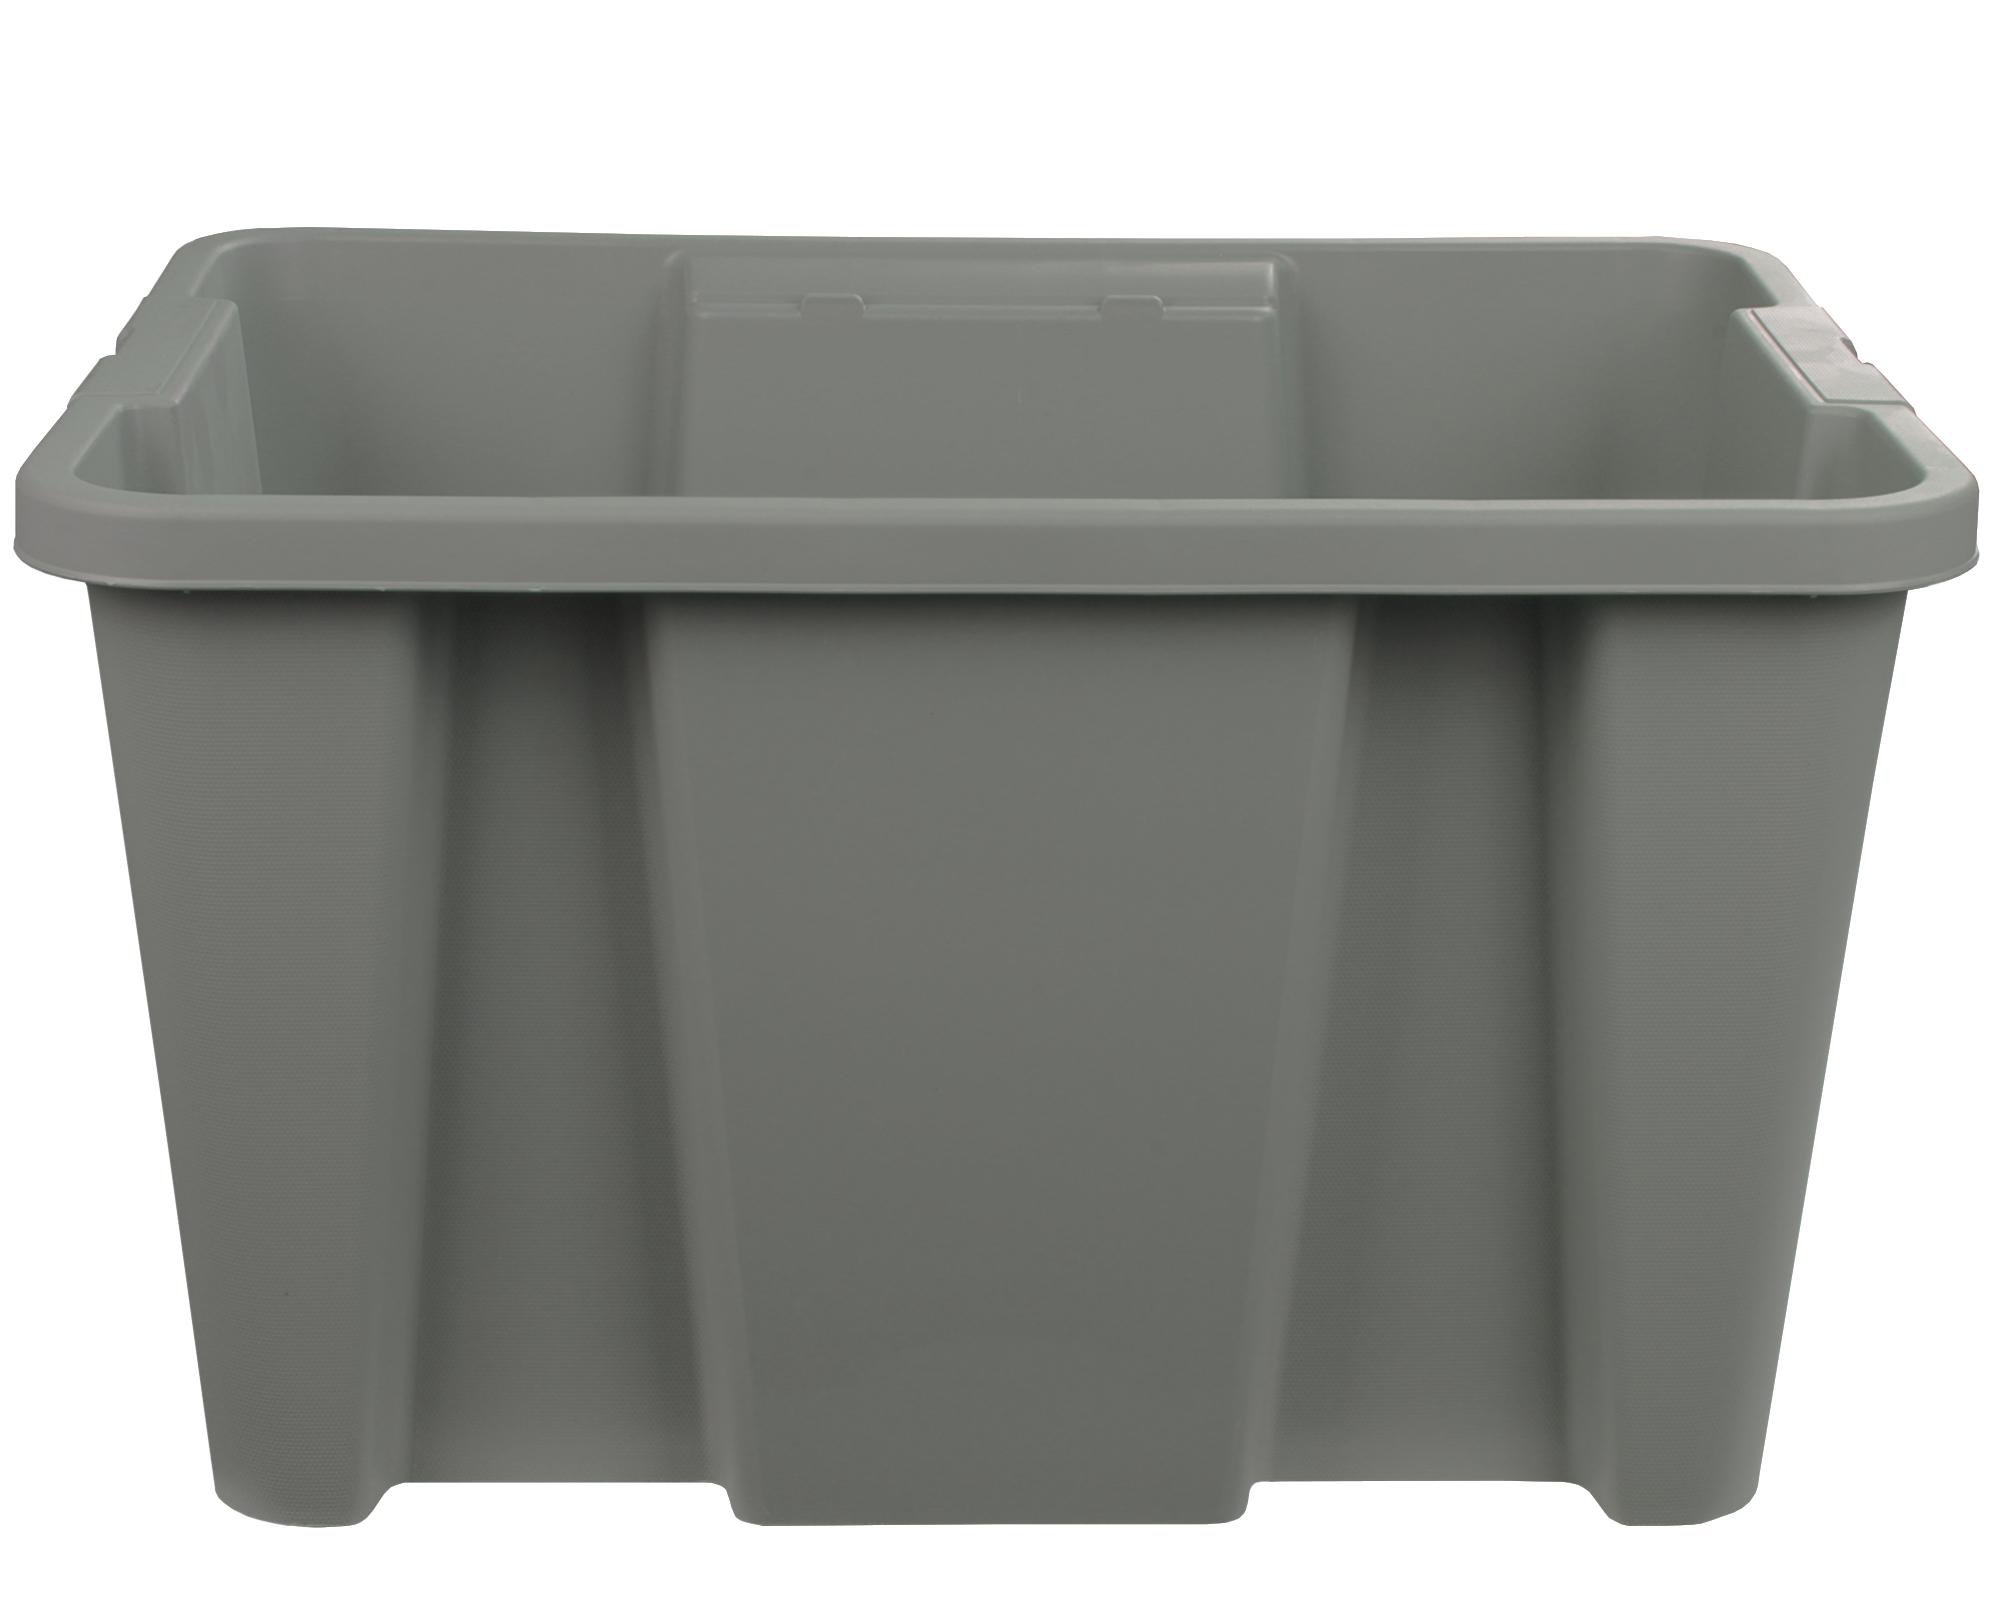 ondis24 dreh und stapelbox euro 30 grau g nstig online kaufen. Black Bedroom Furniture Sets. Home Design Ideas